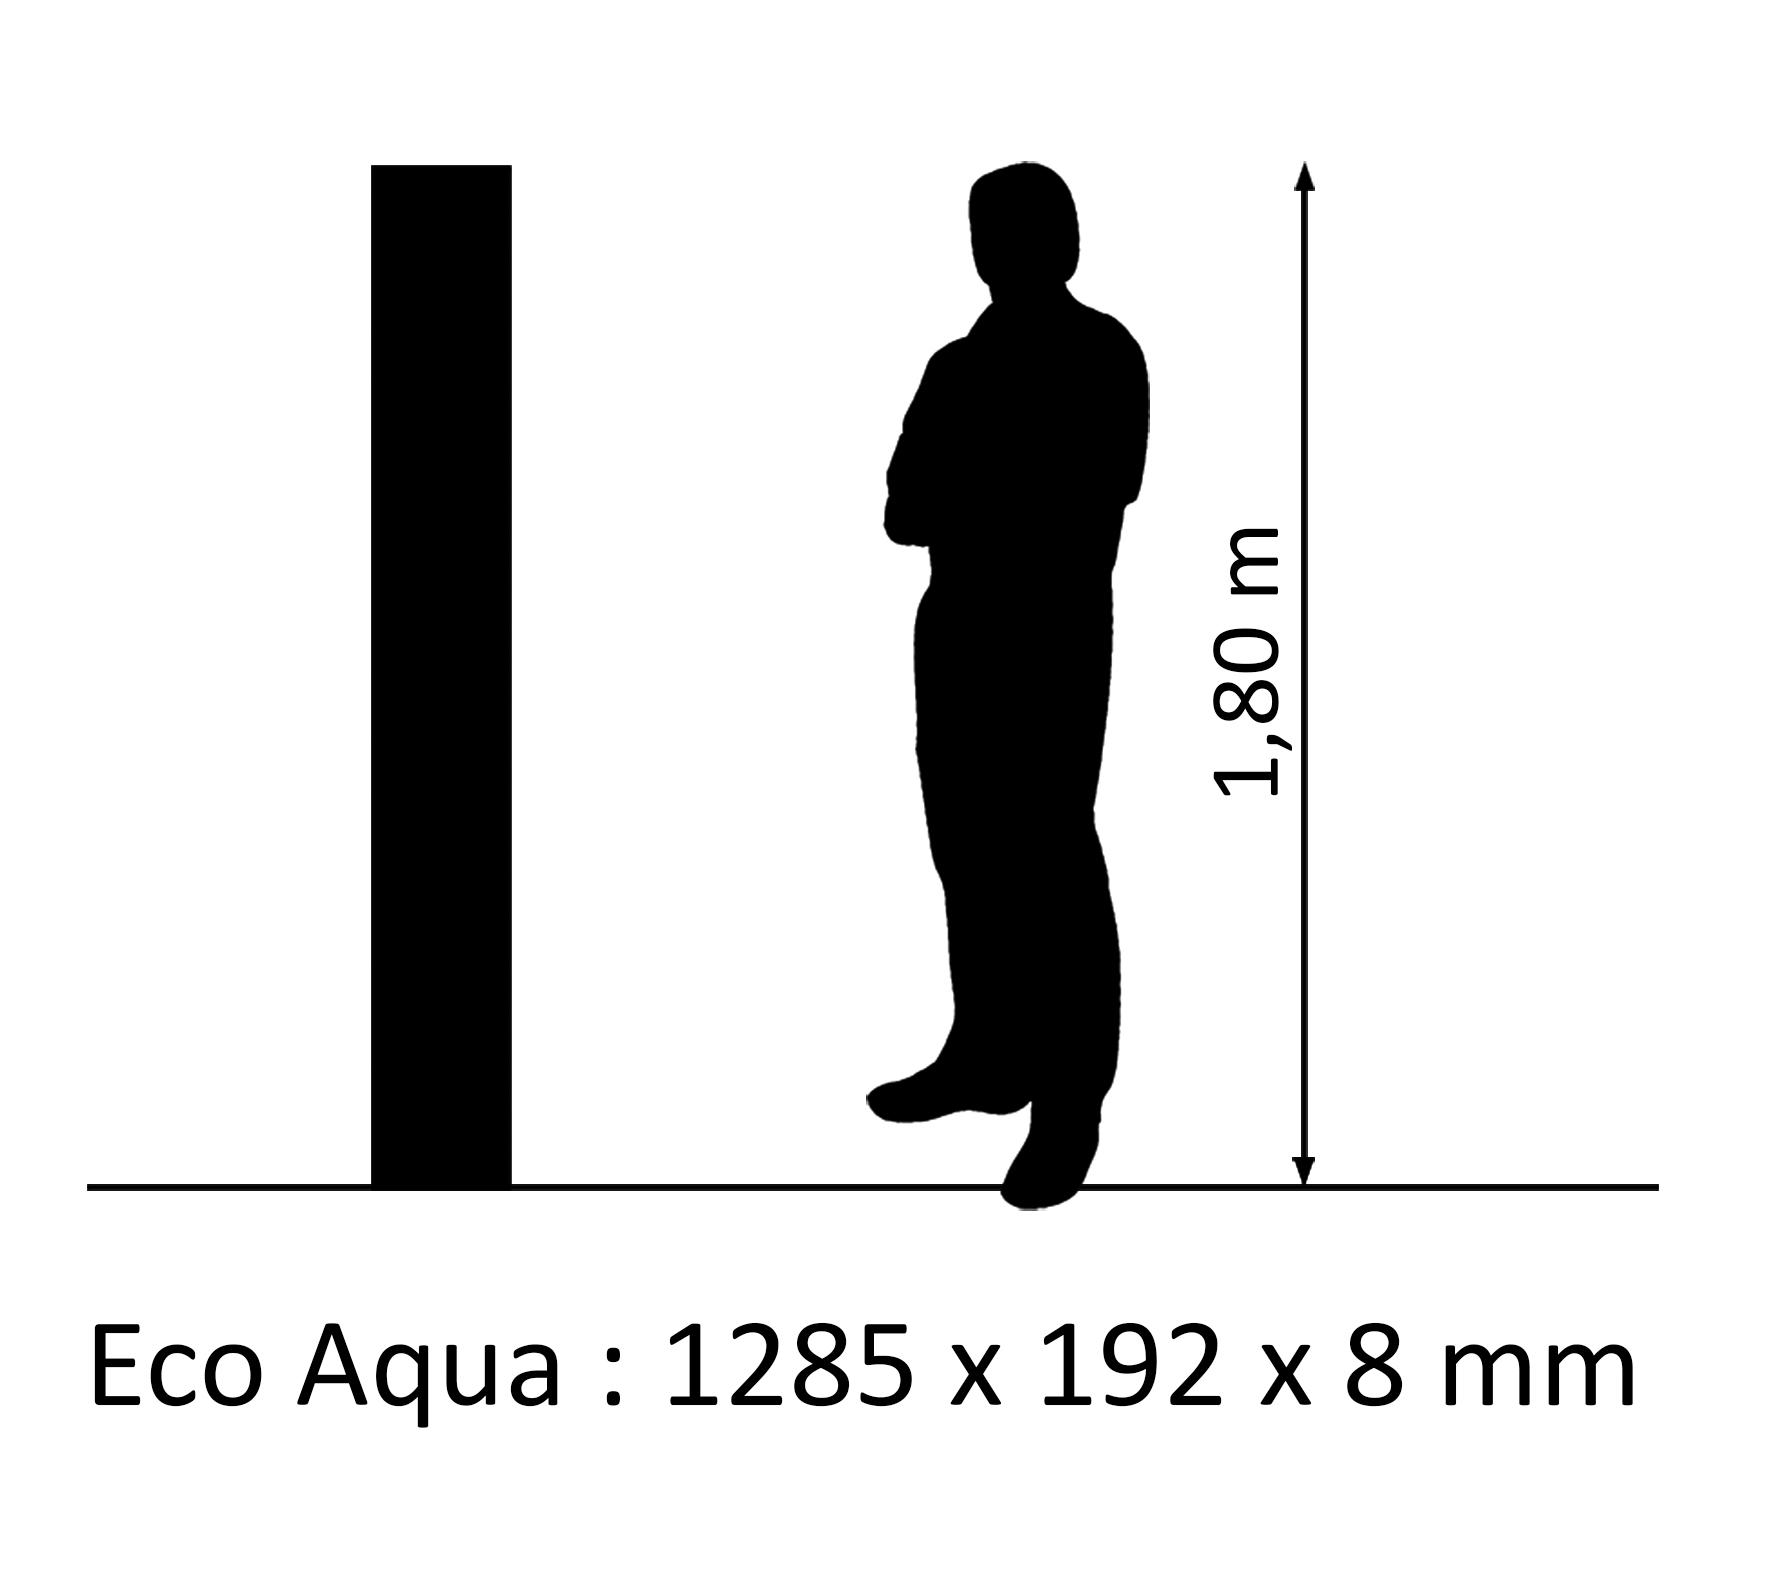 Wiparquet Eco Aqua Scarborough